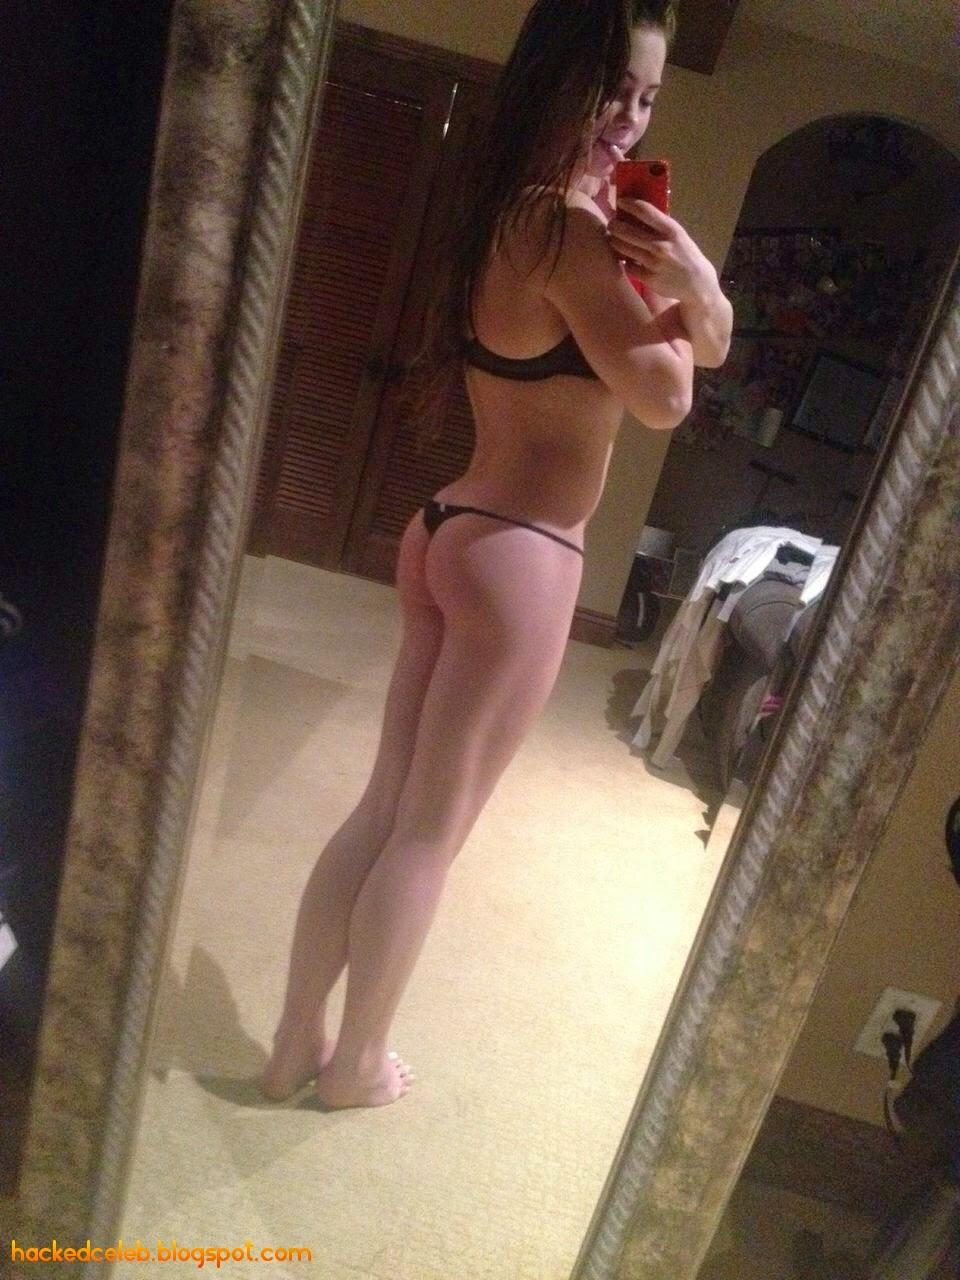 Mckayla maroney leaked nudes